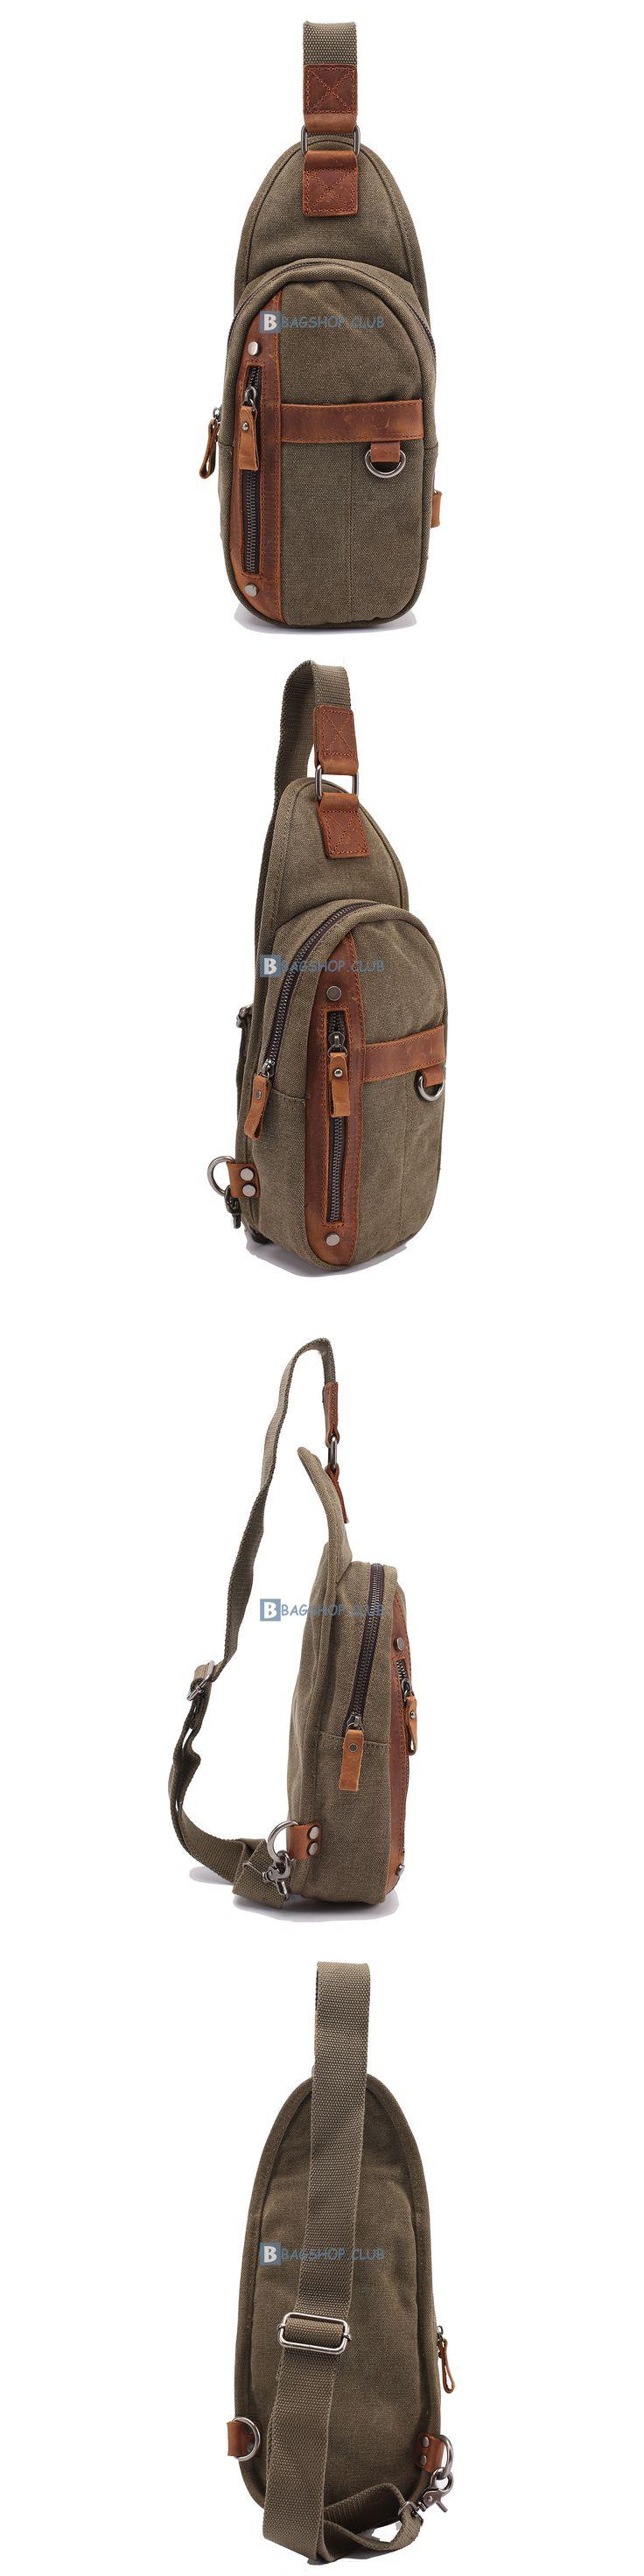 Single Strap Backpacks Sling Bag For Mens